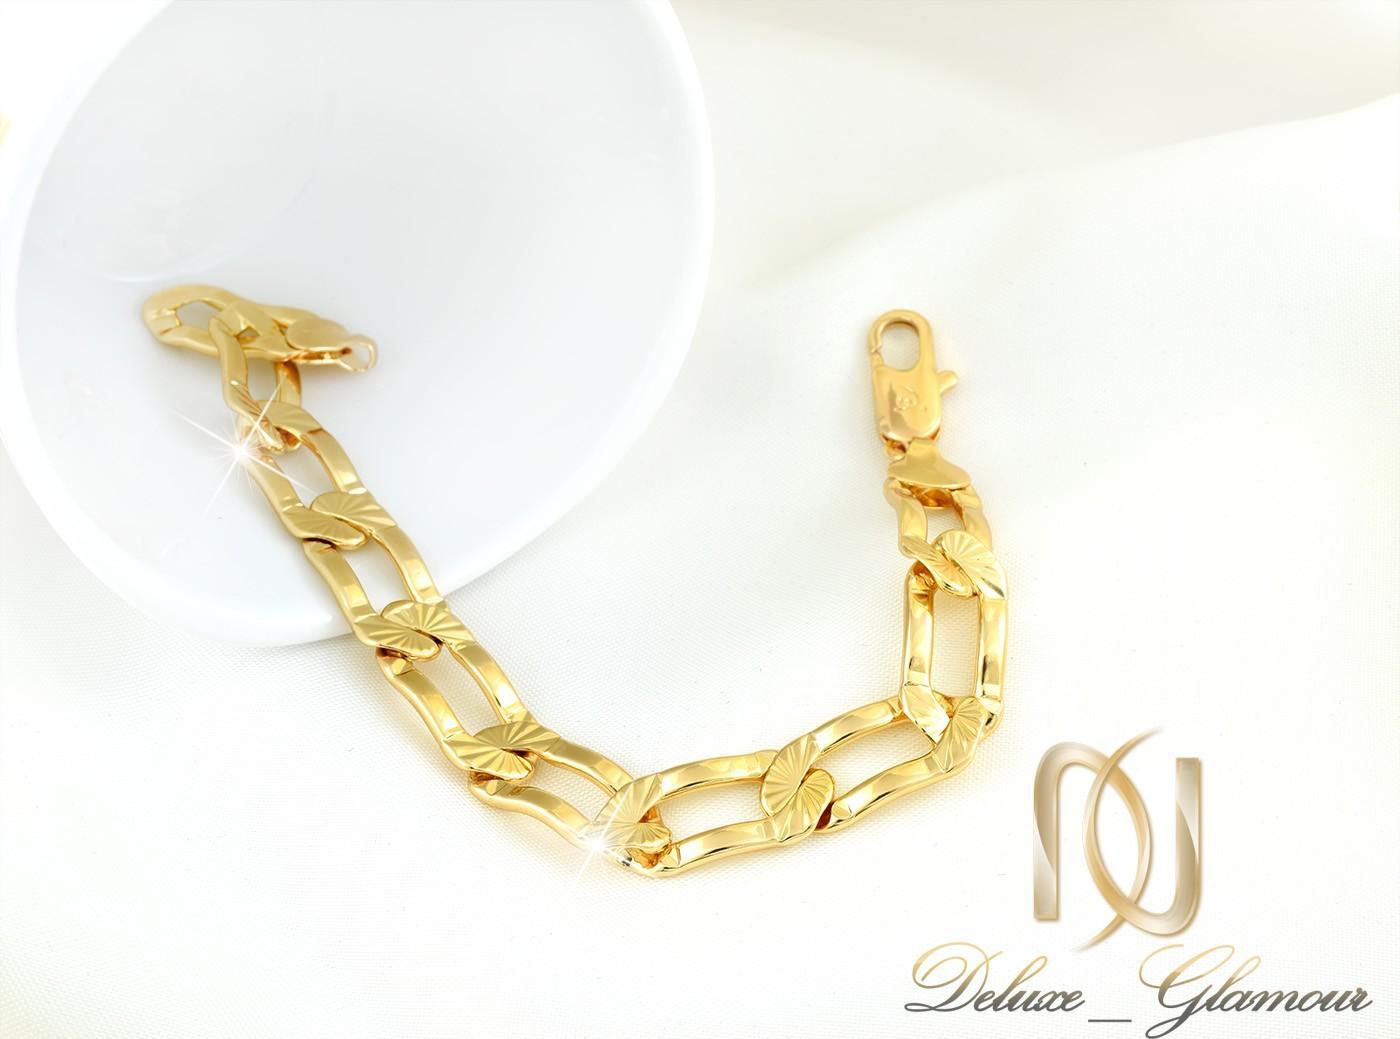 دستبند زنانه ژوپينگ طرح طلاي كارتيه DS-N260 از نماي سفيد